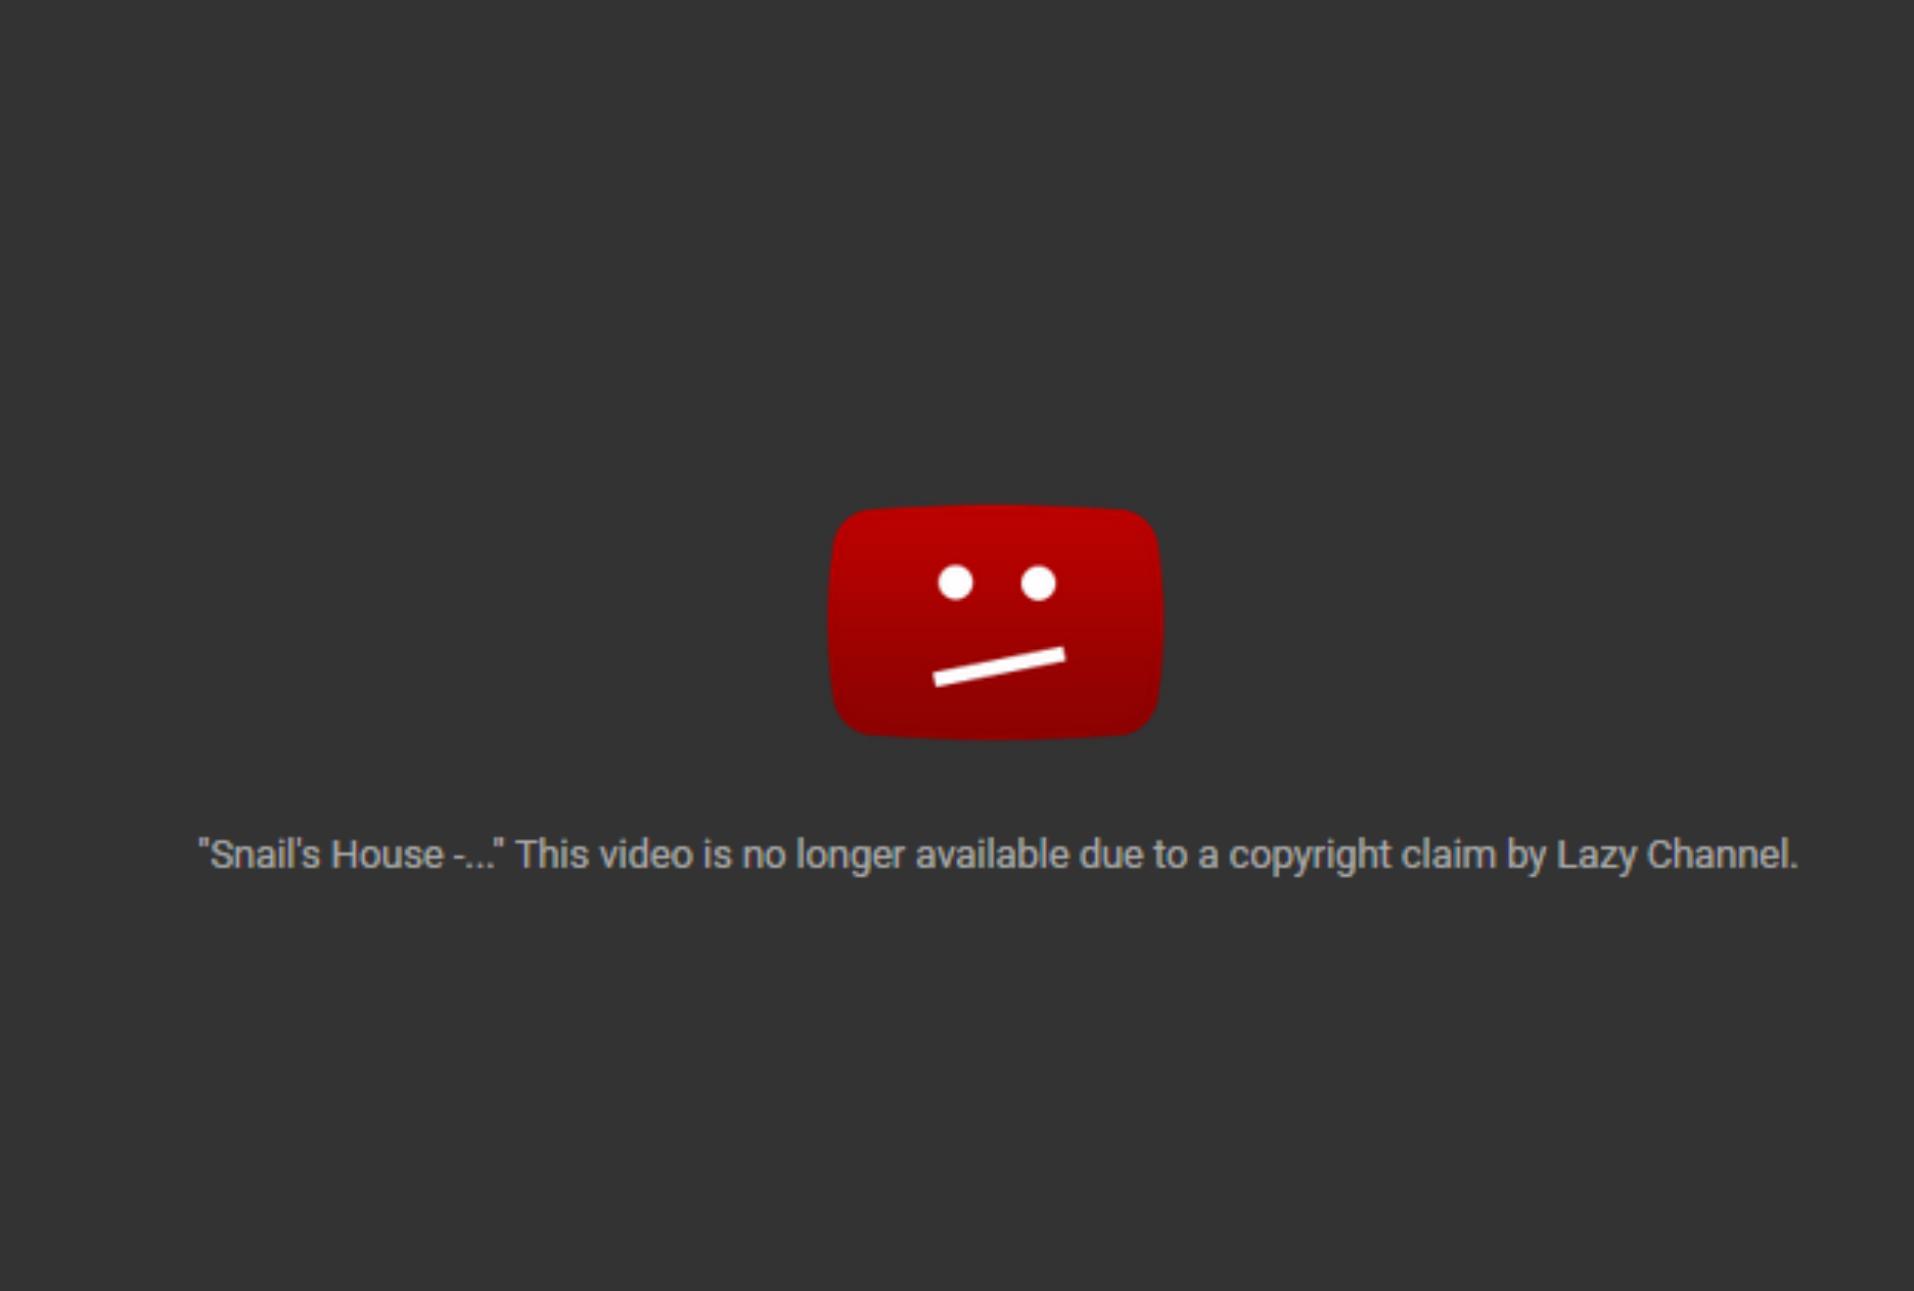 #MadrugueteAInternet: Senado aprueba la censura en Internet por derechos de autor